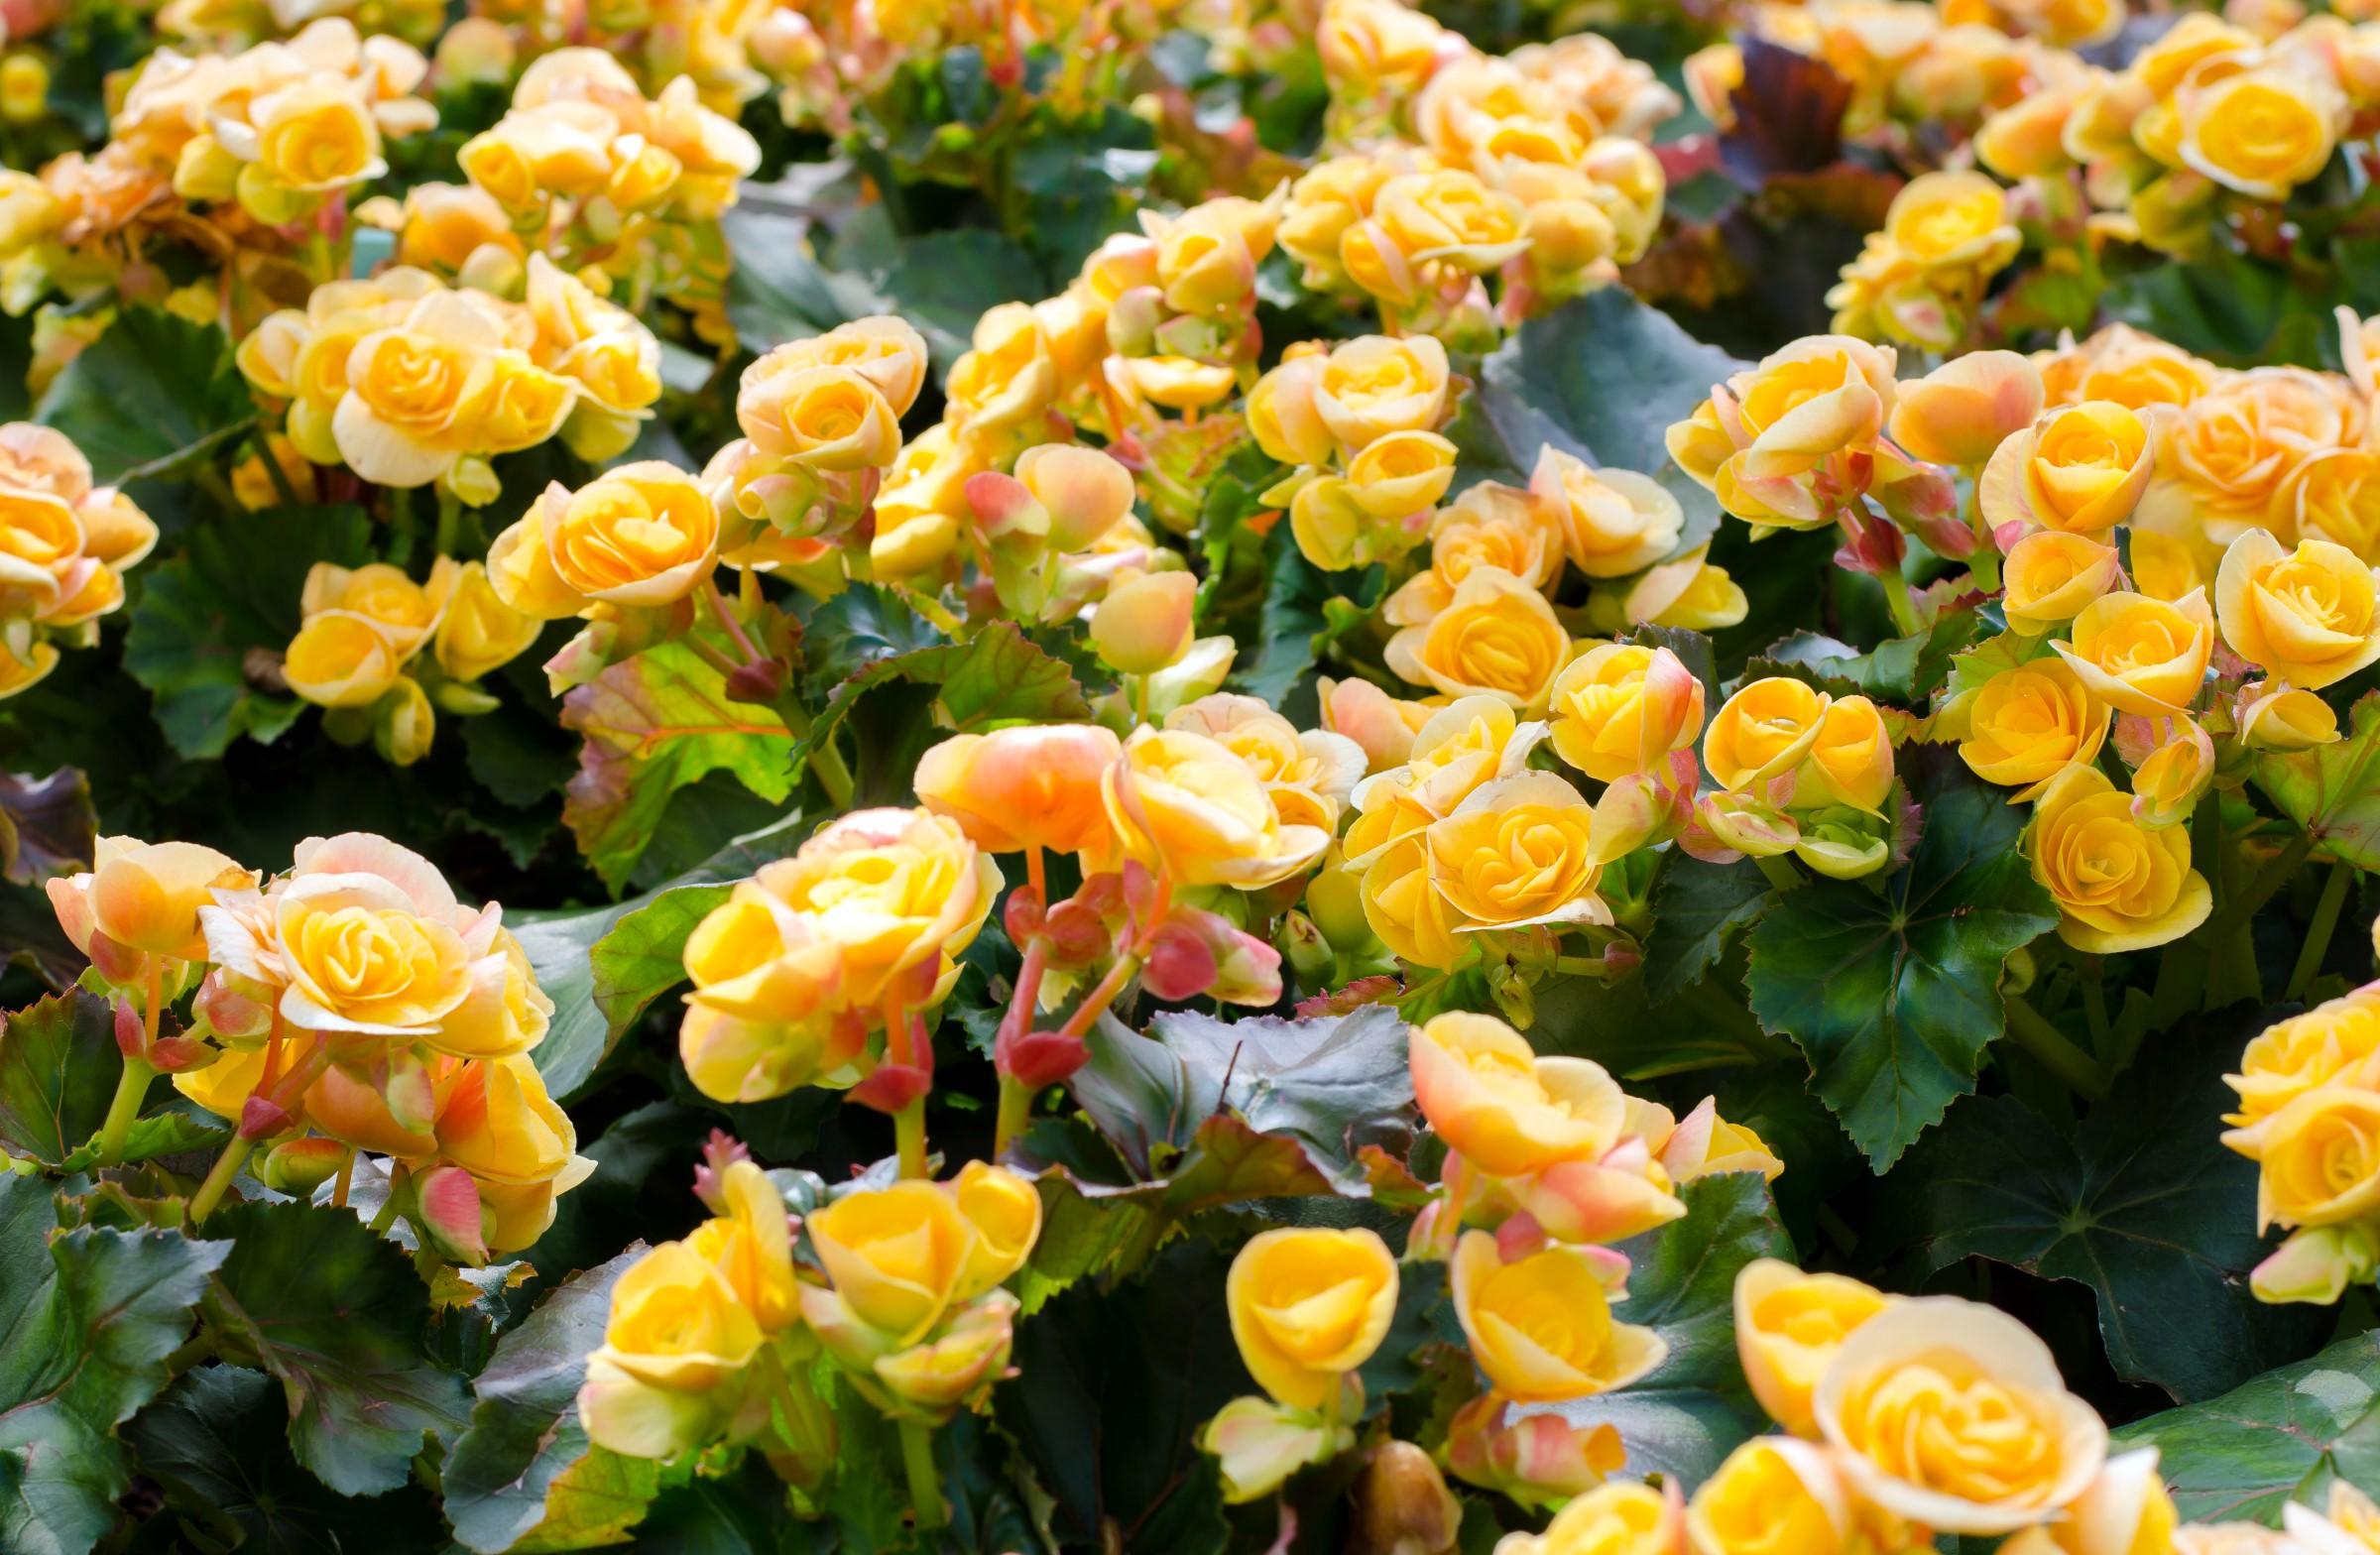 Planten har grønne blader og en gul roseformet blomst.